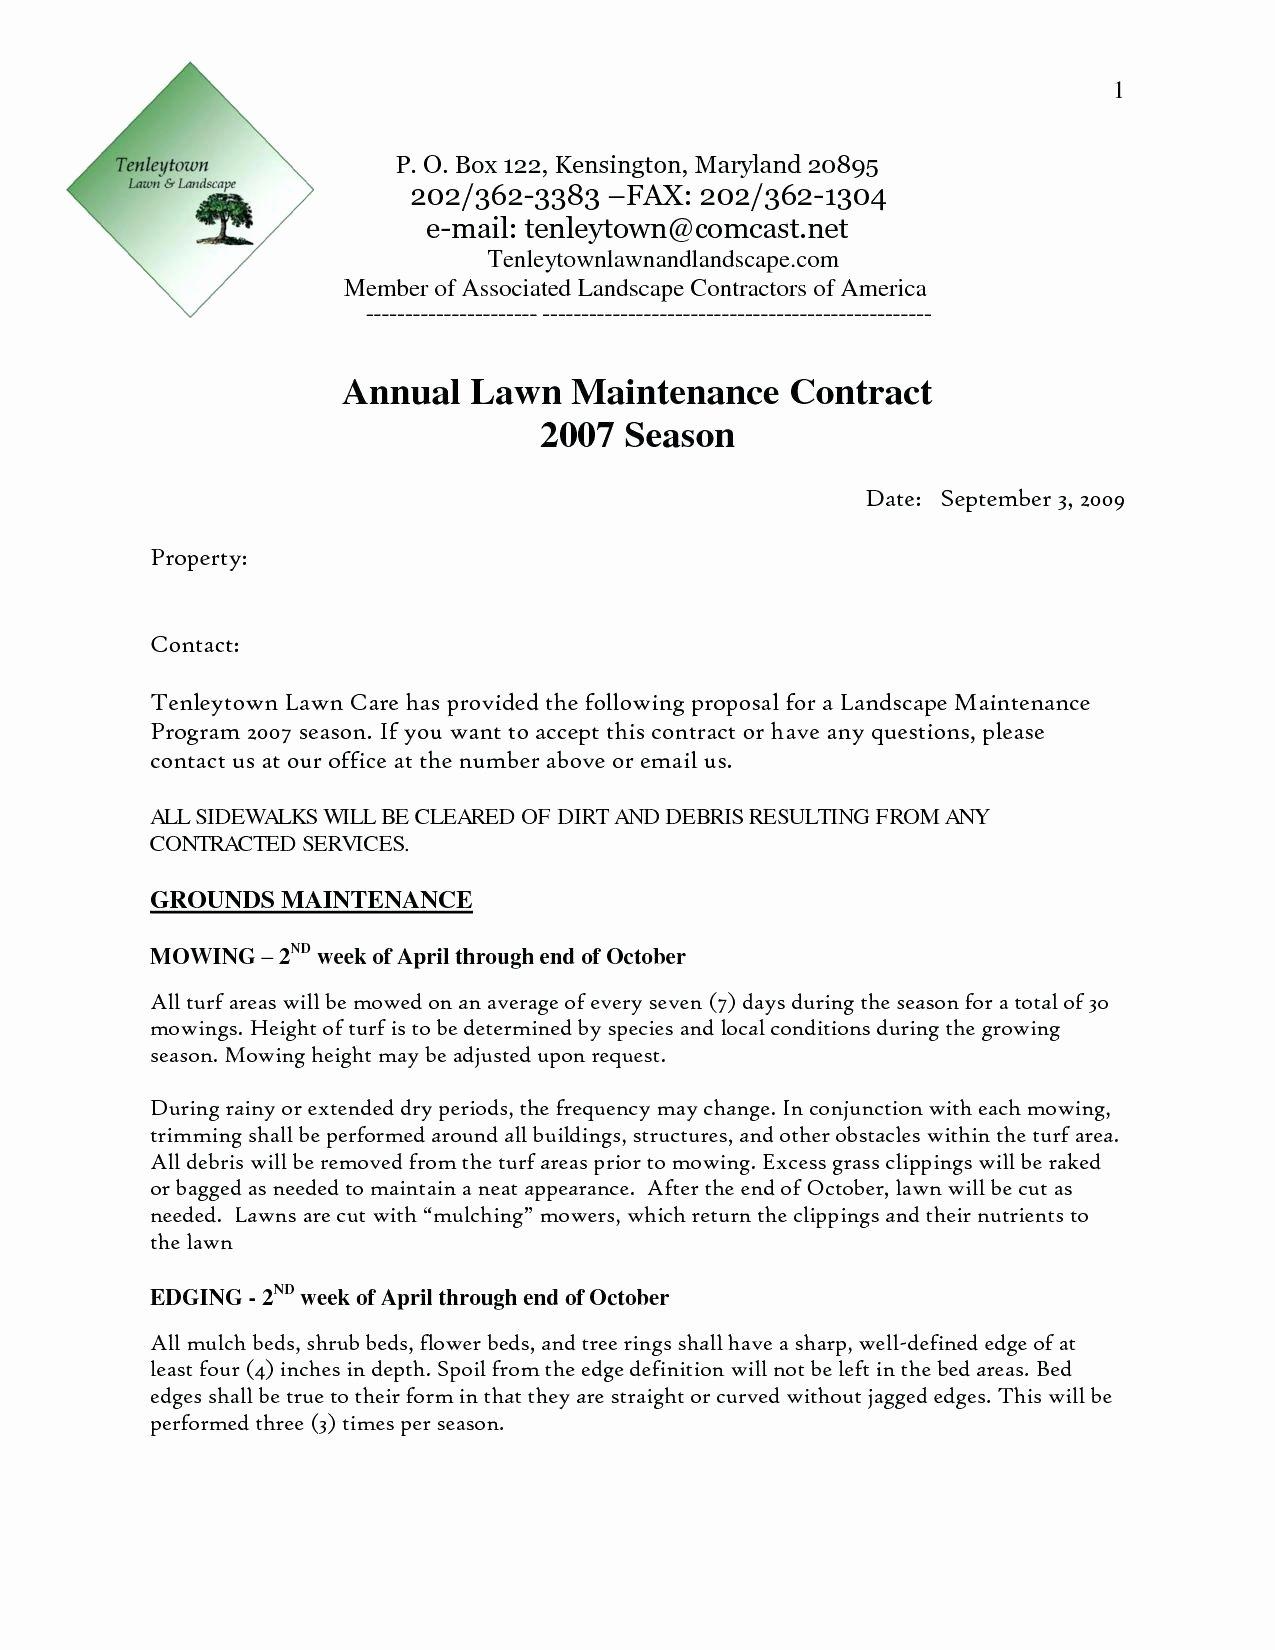 Landscape Maintenance Contract Template Fresh Template Landscaping Contract Template